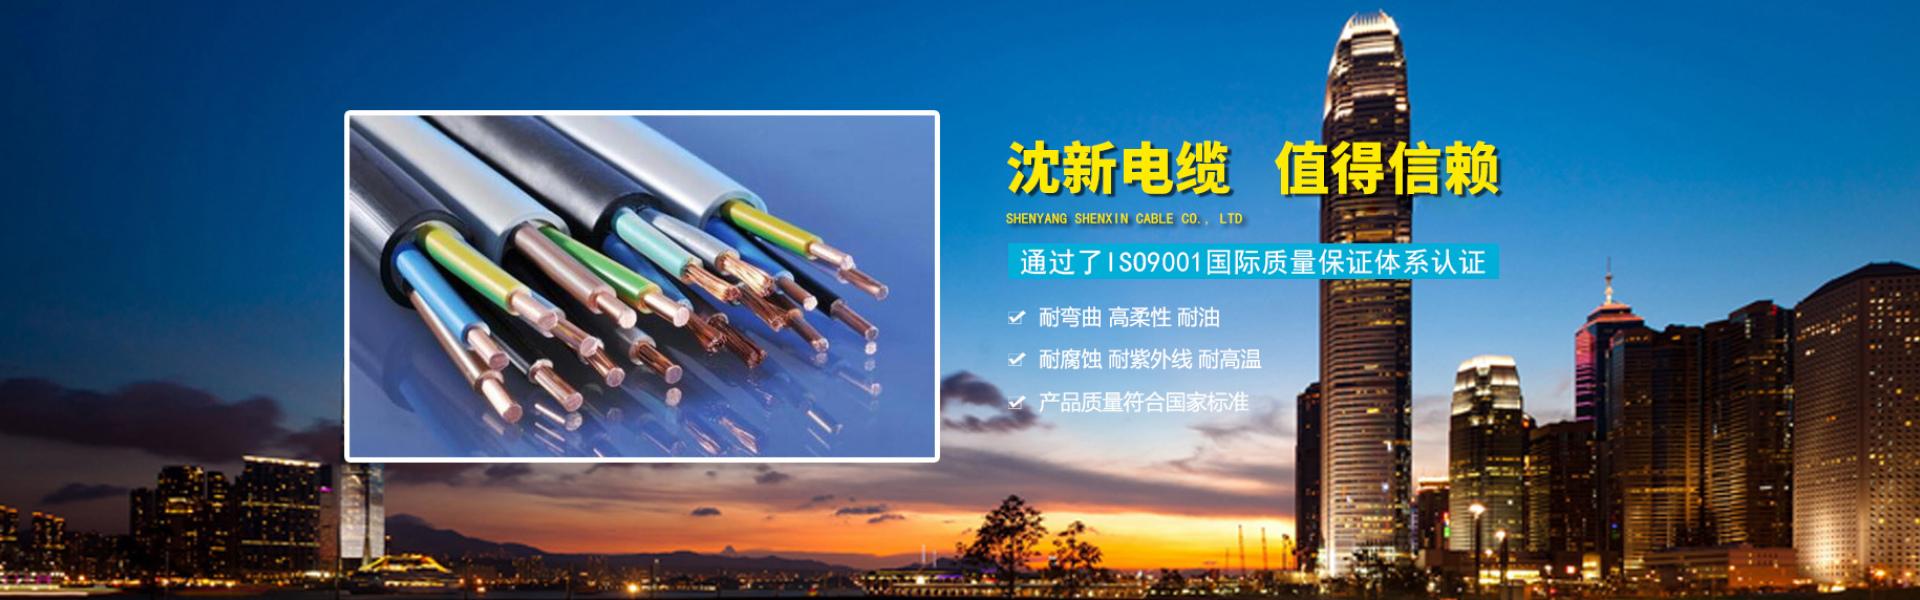 沈阳市沈新电缆有限公司是您不错的选择!